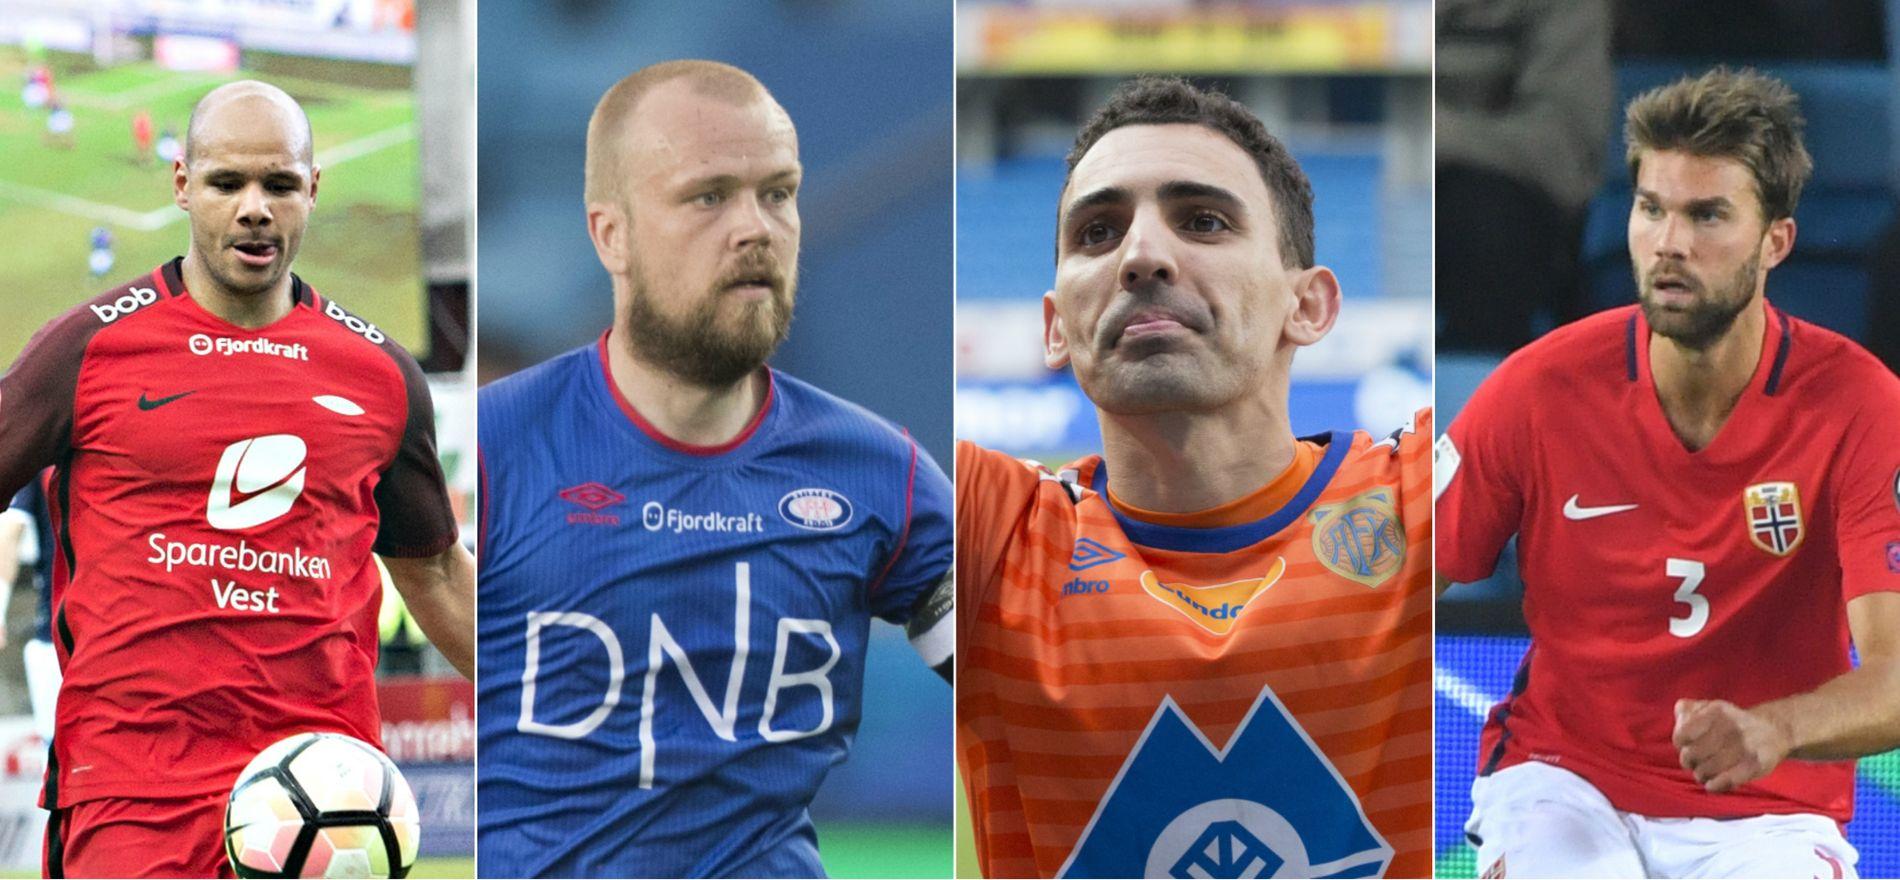 UTGÅENDE: Per nå har ikke Daniel Braaten (Brann), Christian Grindheim (Vålerenga), Mustafa Abdellaoue (Aalesund) og Jørgen Skjelvik (Rosenborg) avtale for 2018-sesongen. De kan dermed hentes gratis etter sesongen.